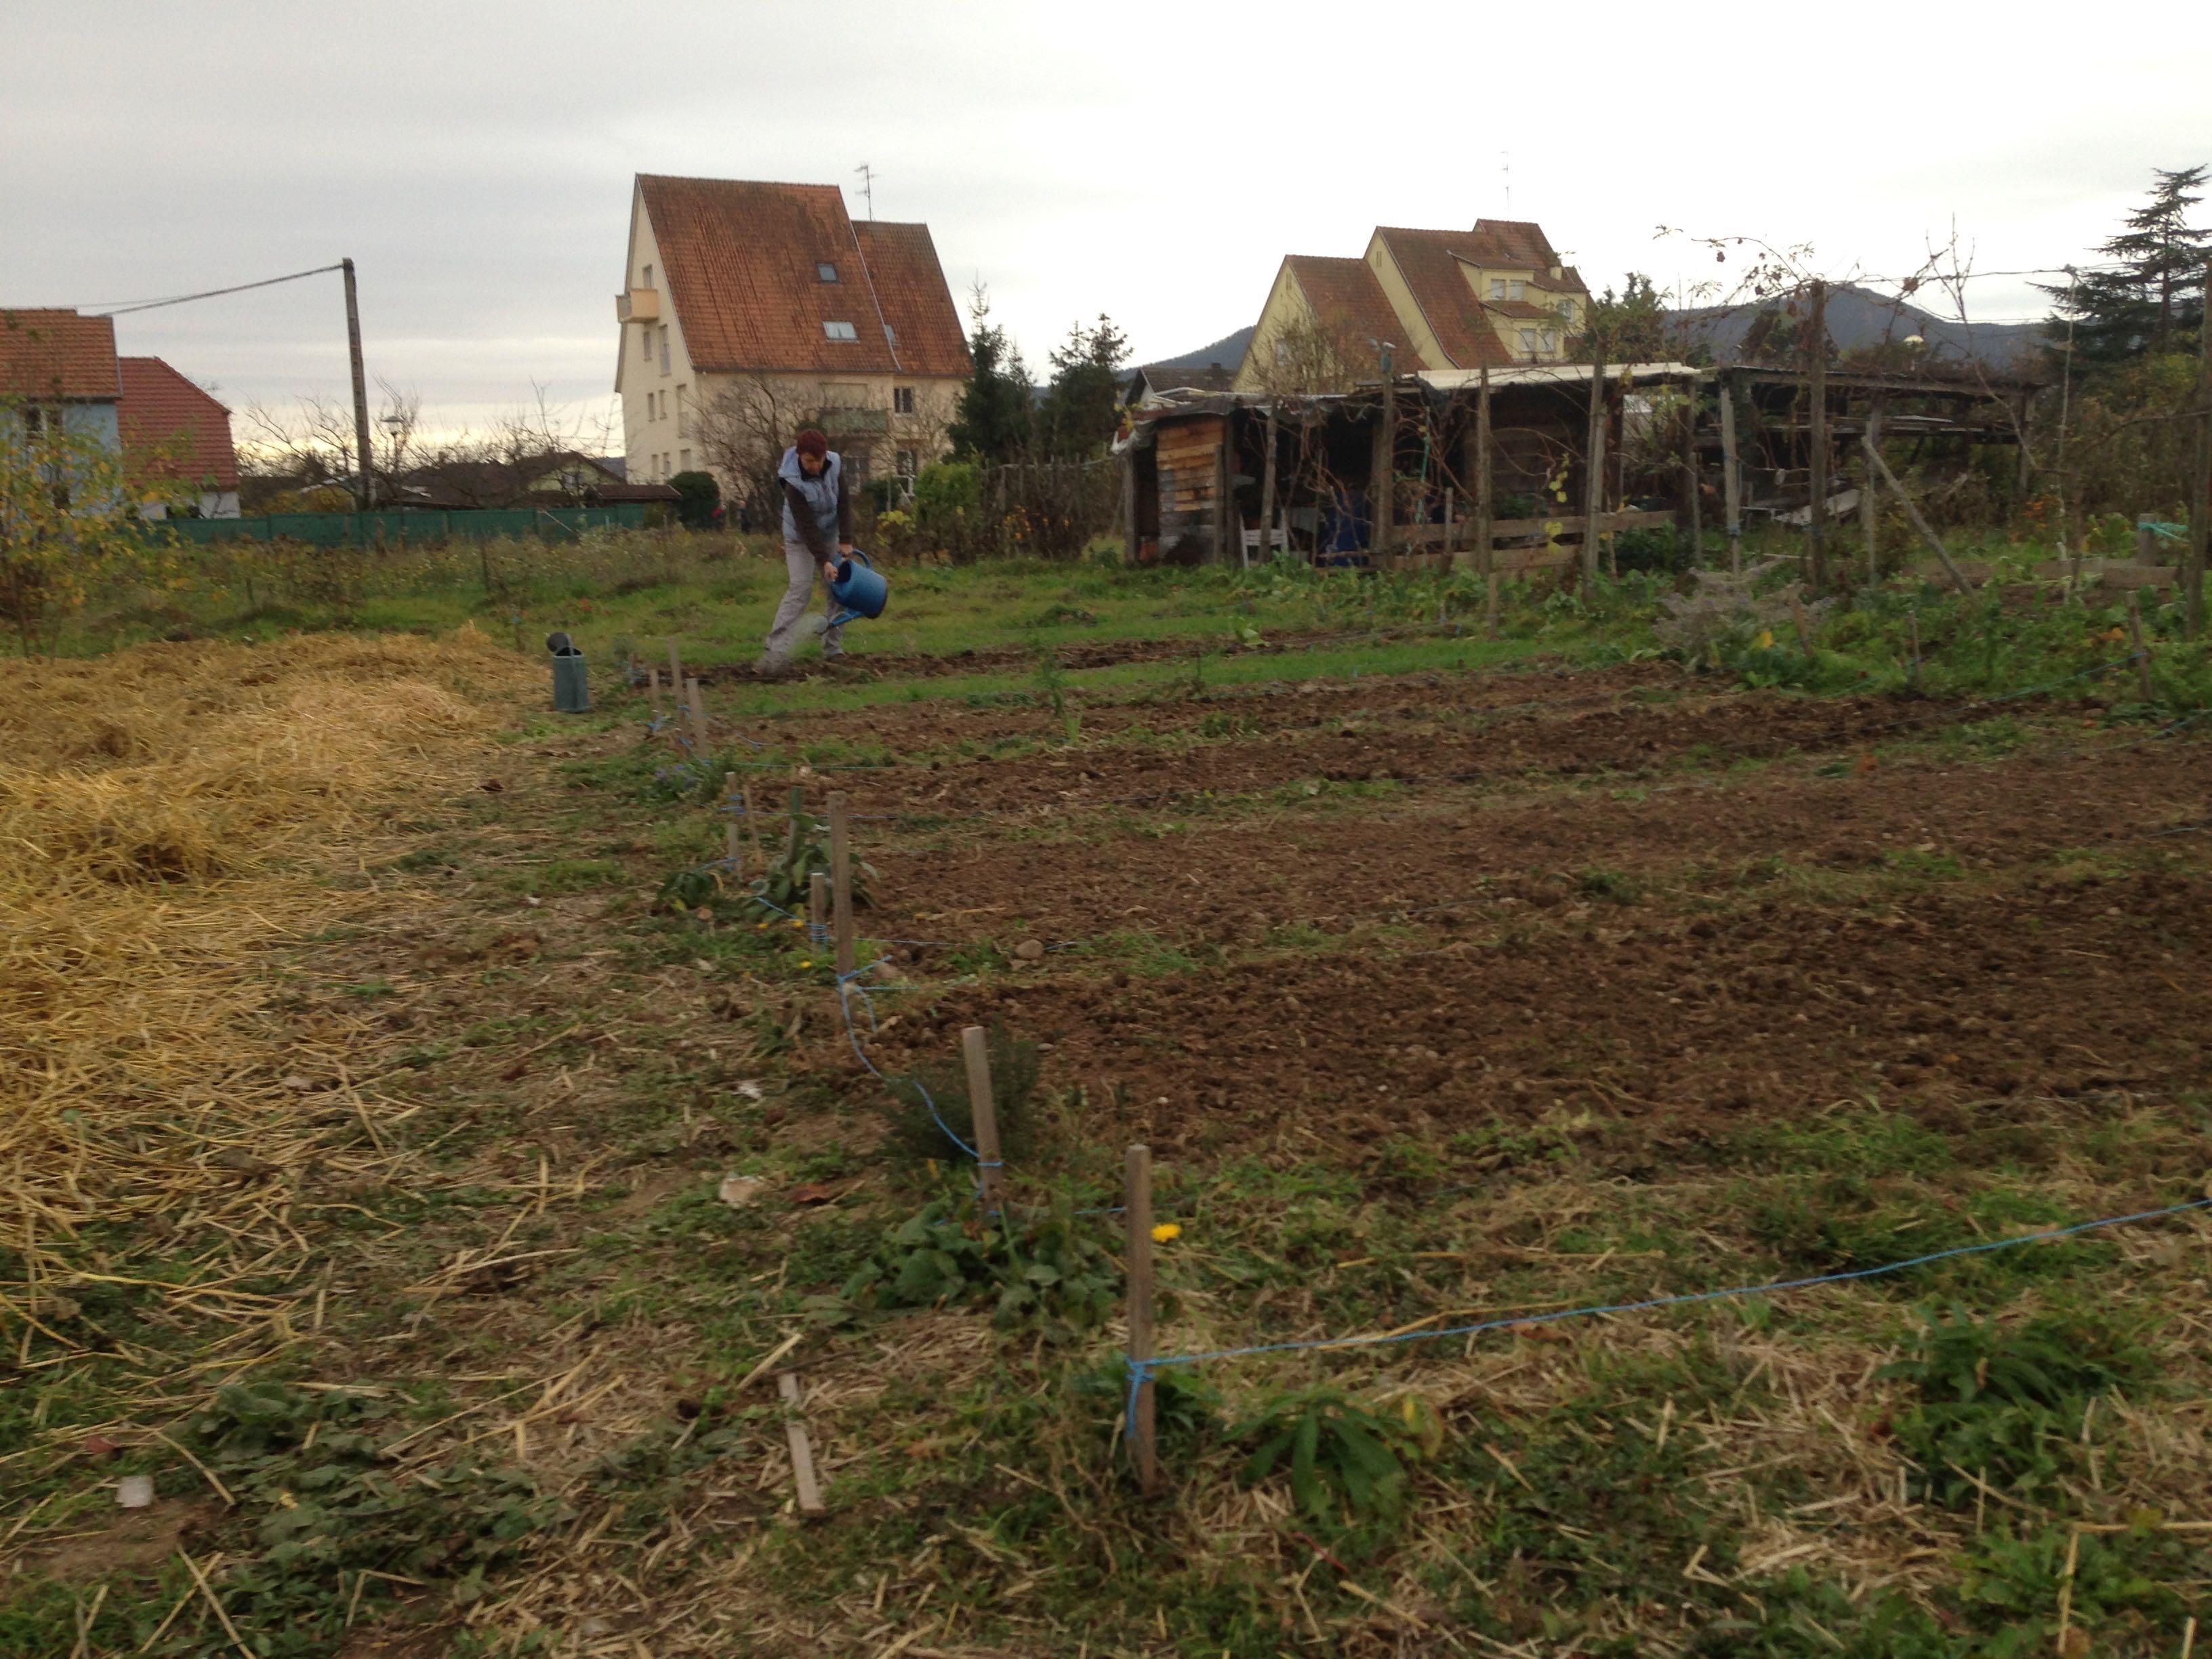 Travaux de jardinage des incroyables comestibles au jardin for Site de jardinage